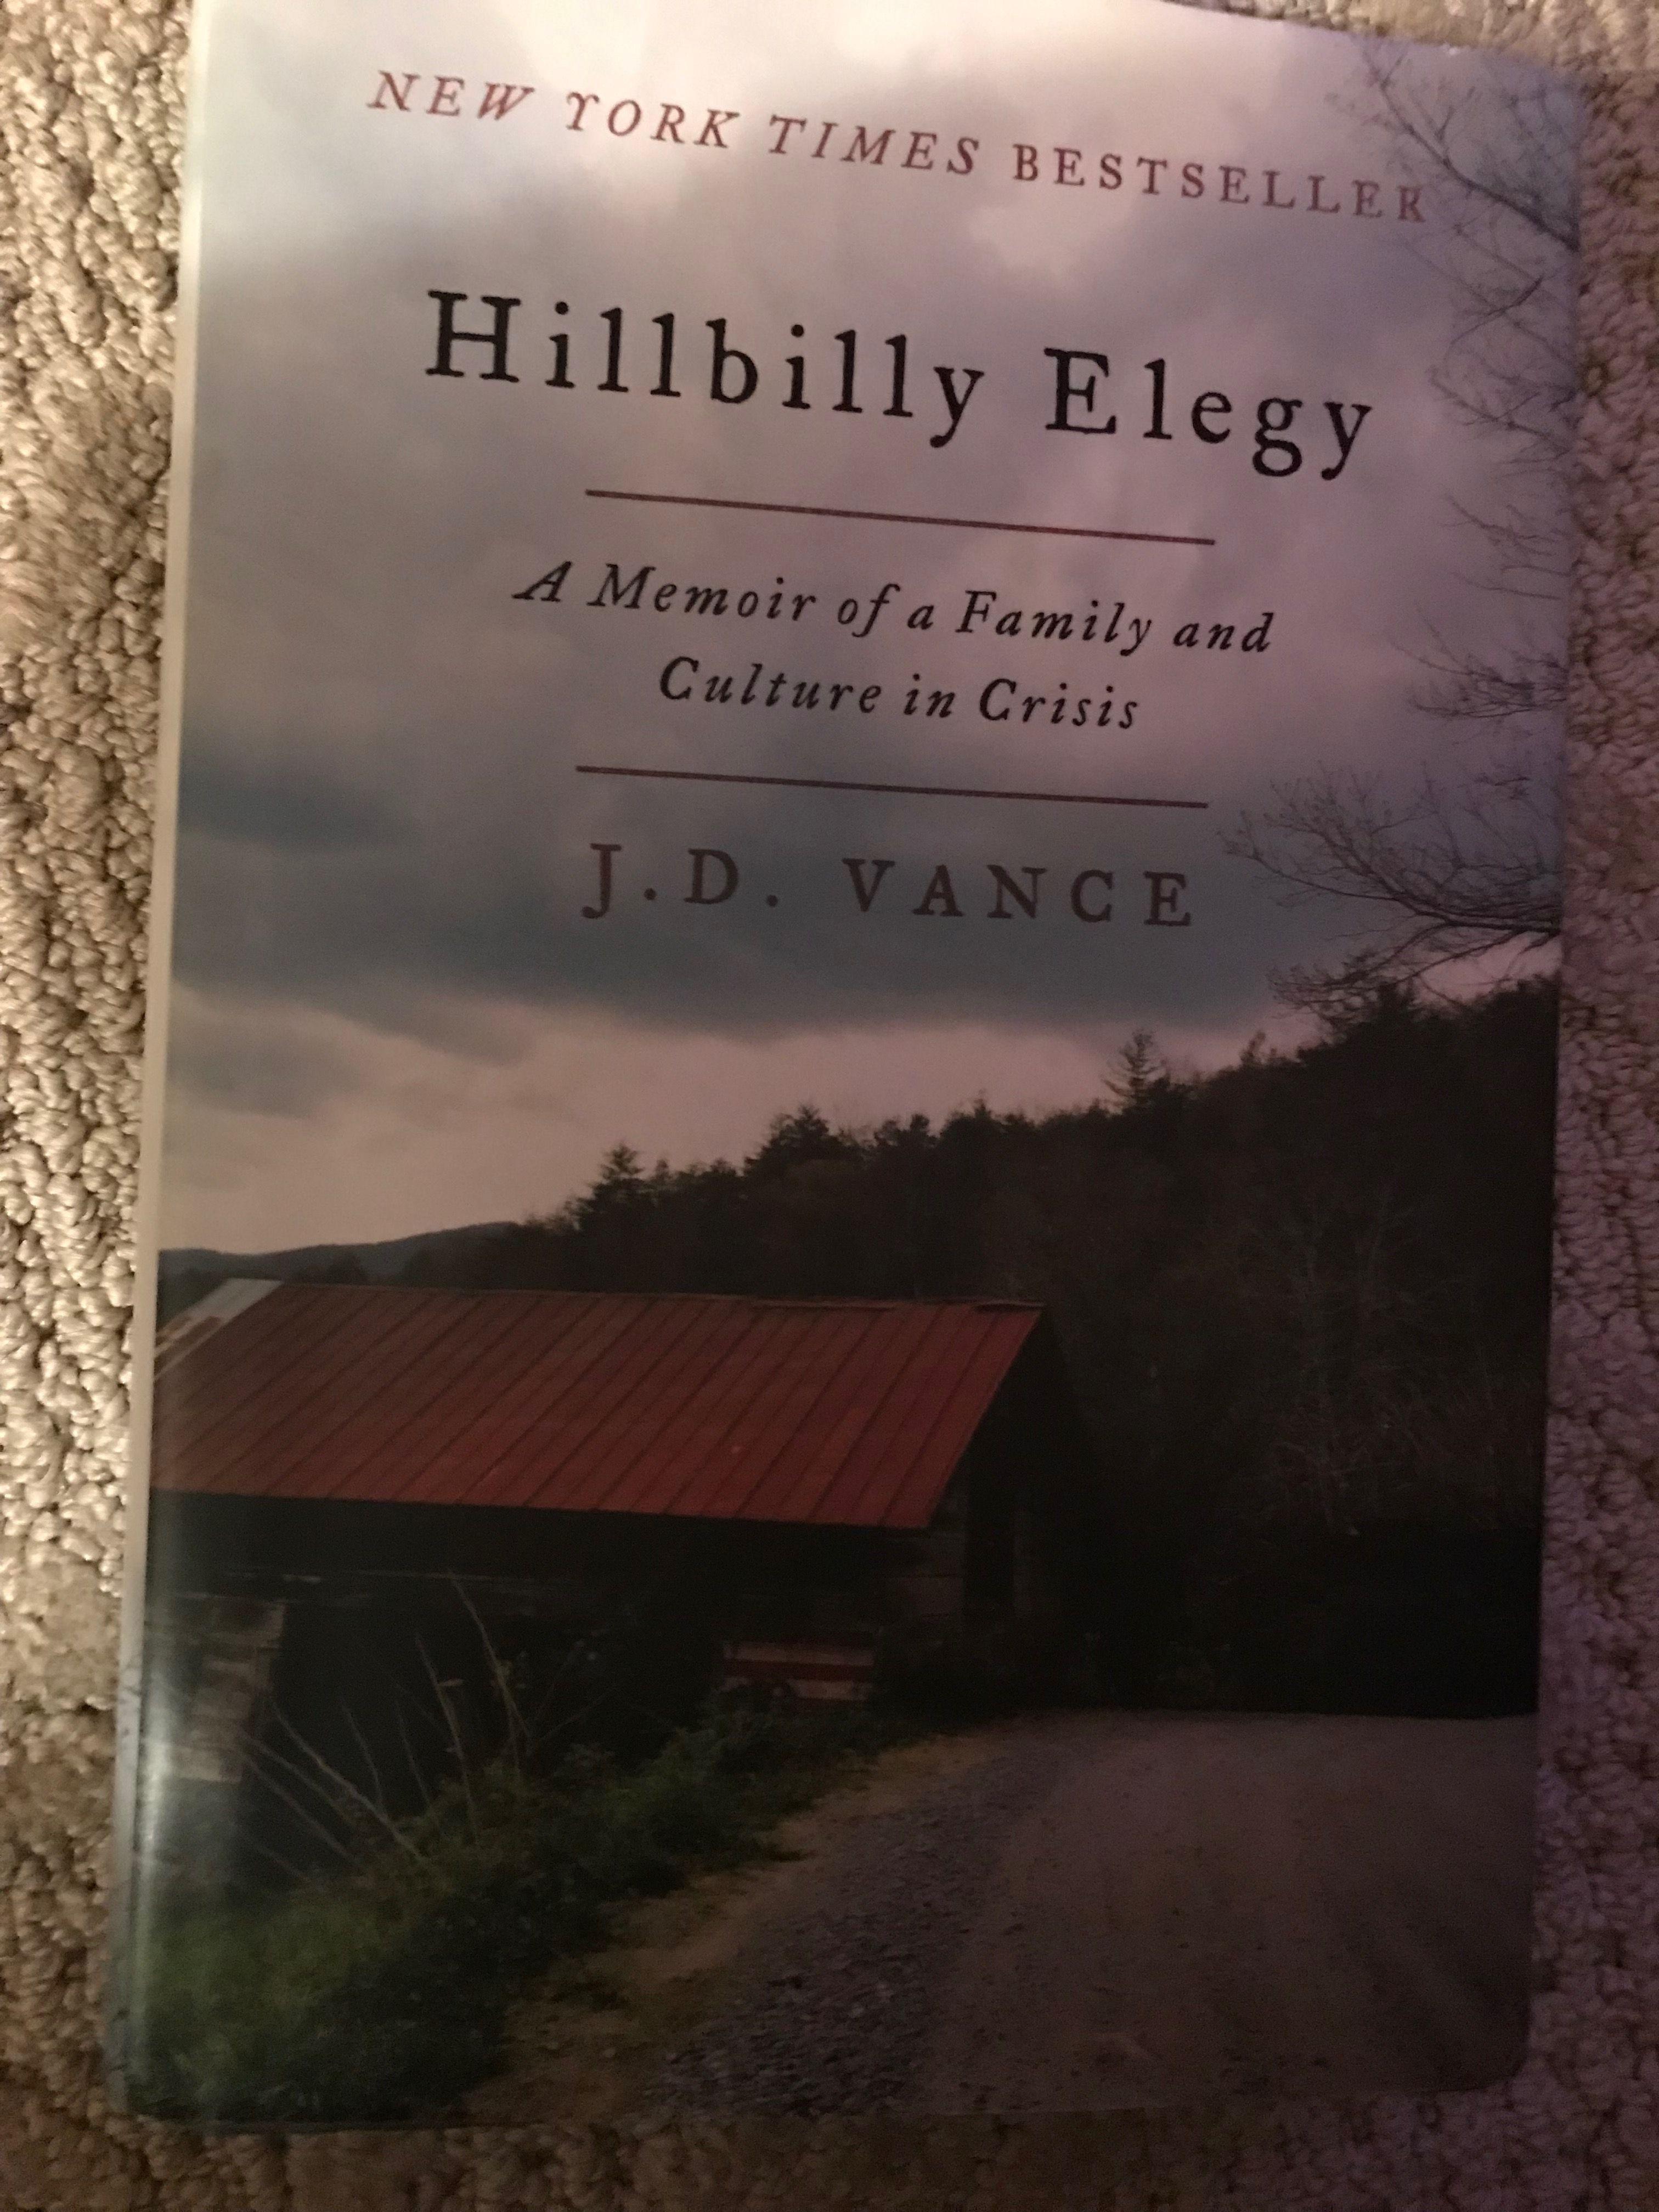 A Memoir Hillbilly Elegy Memoirs New Tork Times